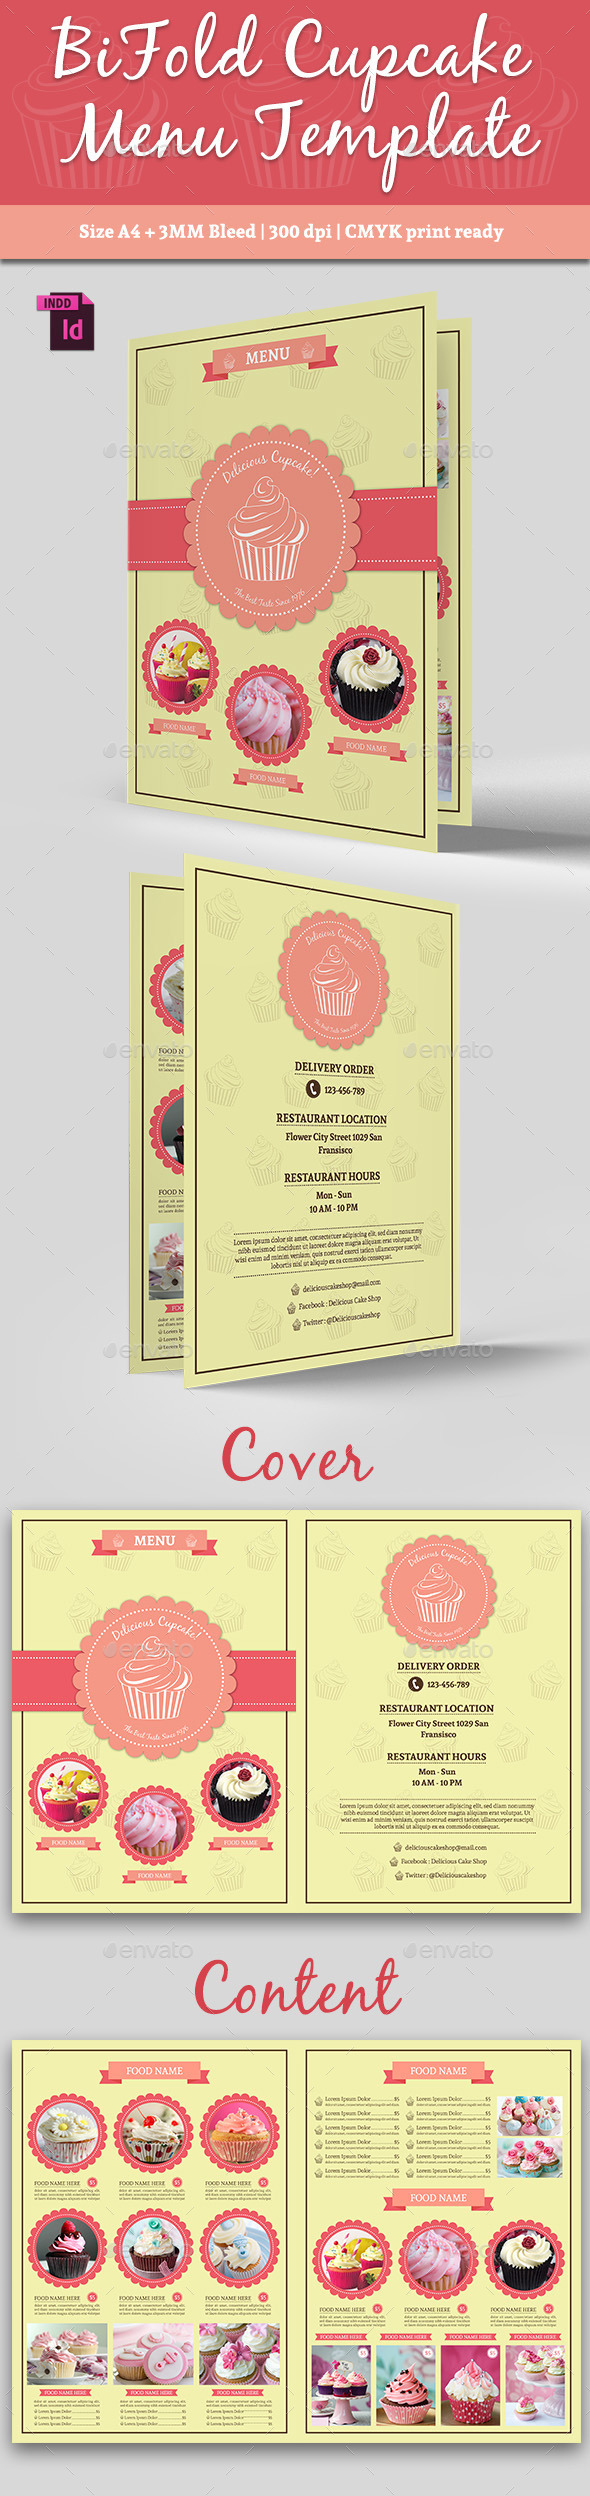 BiFold Cupcake Menu Template Vol. 2 - Food Menus Print Templates